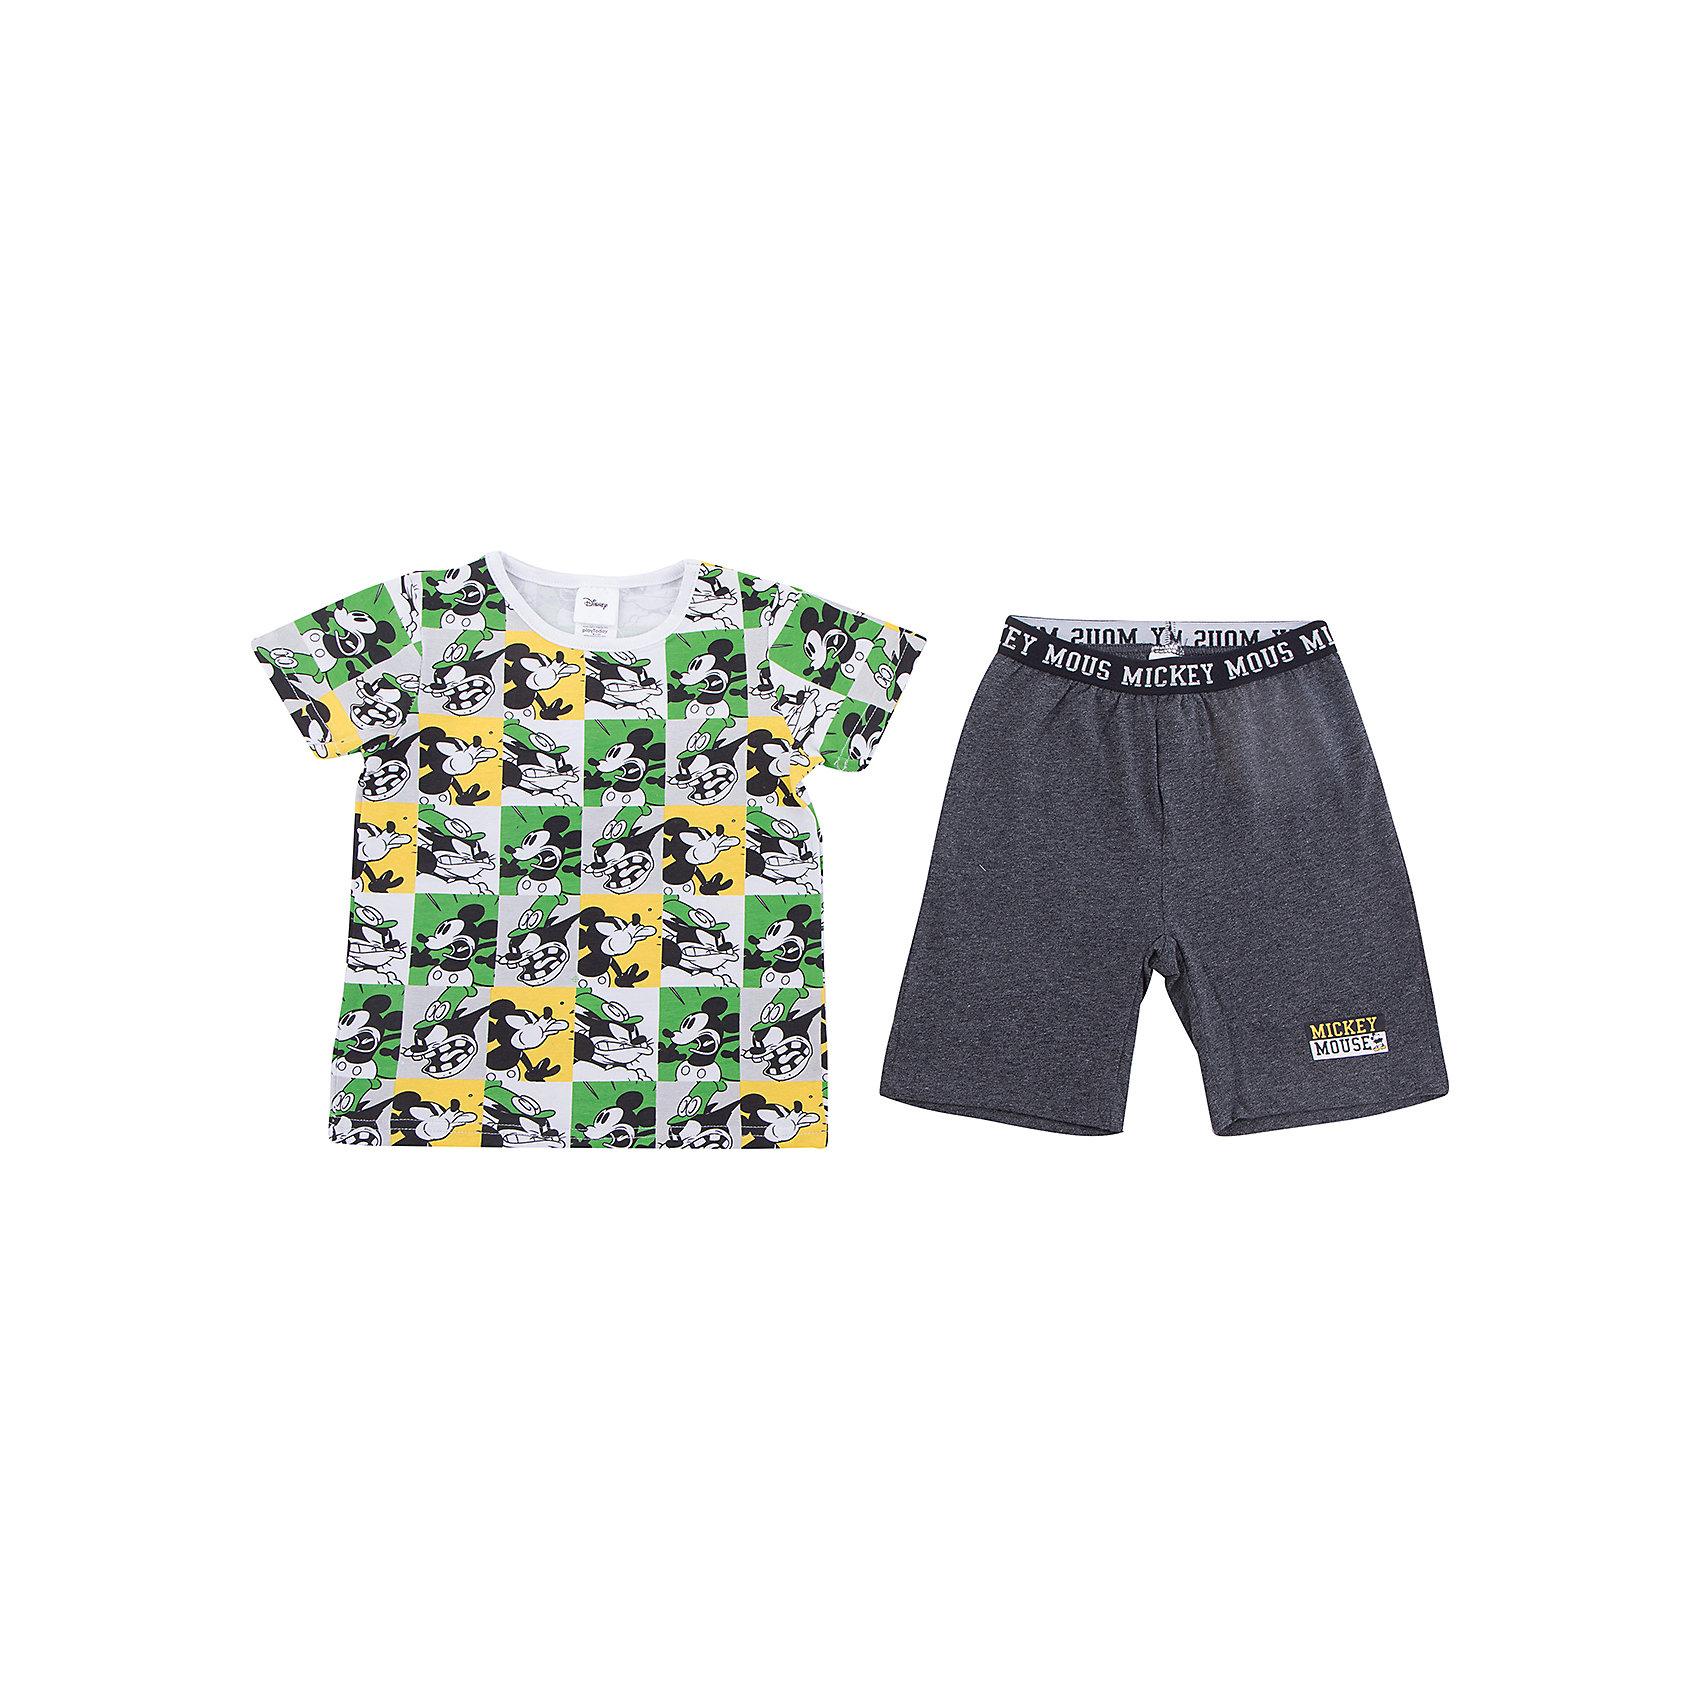 Комплект: футболка и шорты PlayToday для мальчикаКомплекты<br>Комплект: футболка и шорты PlayToday для мальчика<br>Комплект из футболки и шорт сможет быть и домашней одеждой, и уютной пижамой. Шорты на широкой резинке, не сдавливающей живот ребенка. Футболка из яркой ткани с лицензированным принтом. Натуральный материал приятен к телу и не вызывает раздражений нежной детской кожи.<br>Состав:<br>95% хлопок, 5% эластан<br><br>Ширина мм: 199<br>Глубина мм: 10<br>Высота мм: 161<br>Вес г: 151<br>Цвет: белый<br>Возраст от месяцев: 84<br>Возраст до месяцев: 96<br>Пол: Мужской<br>Возраст: Детский<br>Размер: 128,98,104,110,116,122<br>SKU: 7107648